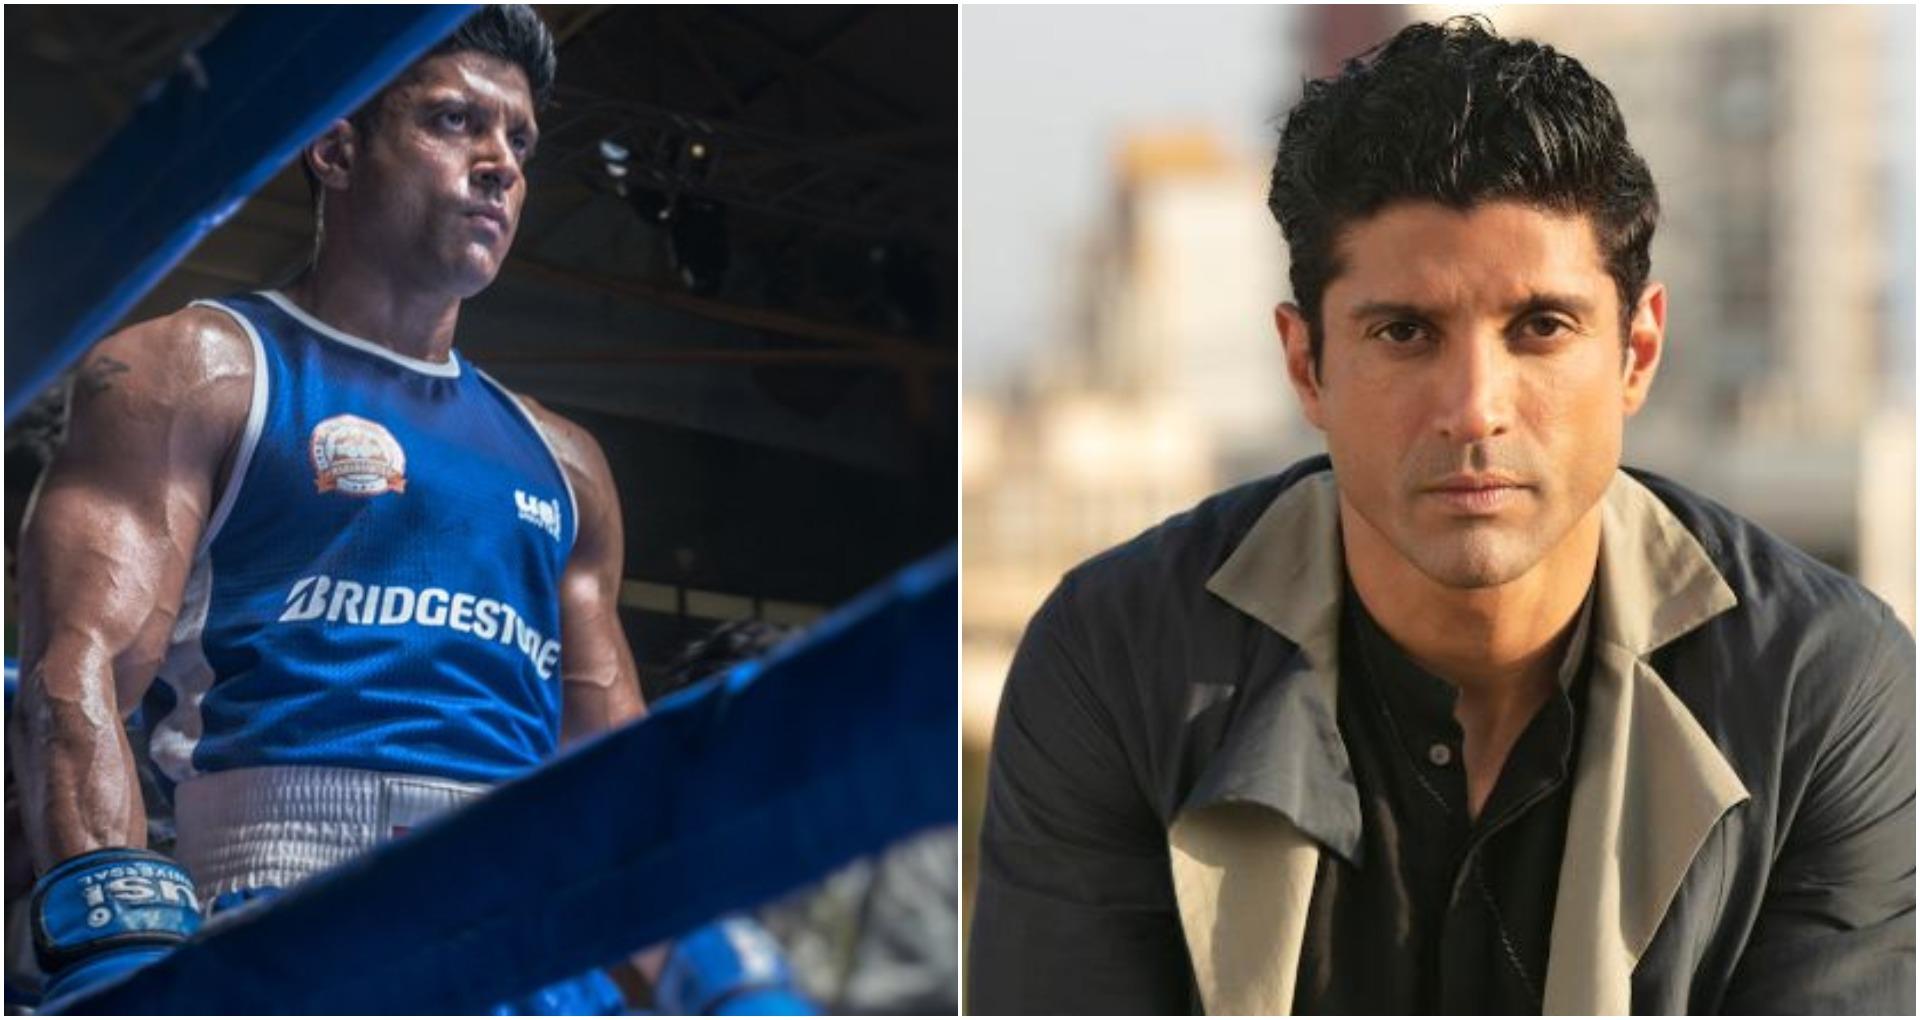 फरहान अख्तर की फिल्म 'तूफान' का दमदार फर्स्ट लुक आया सामने, इस दिन होगी रिलीज